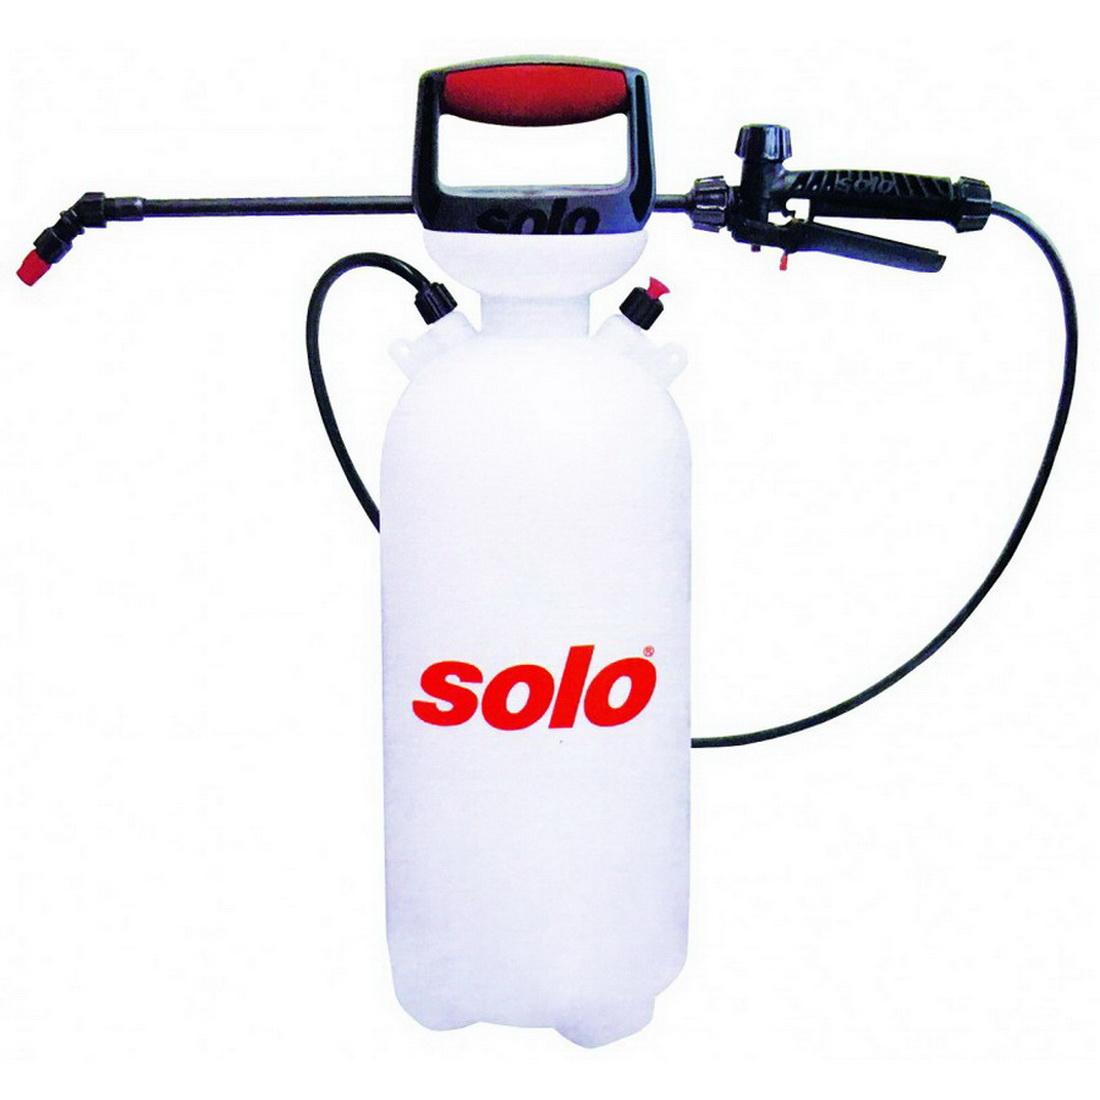 Solo Classic Manual Entry Level Pressure Sprayer 5 L 465